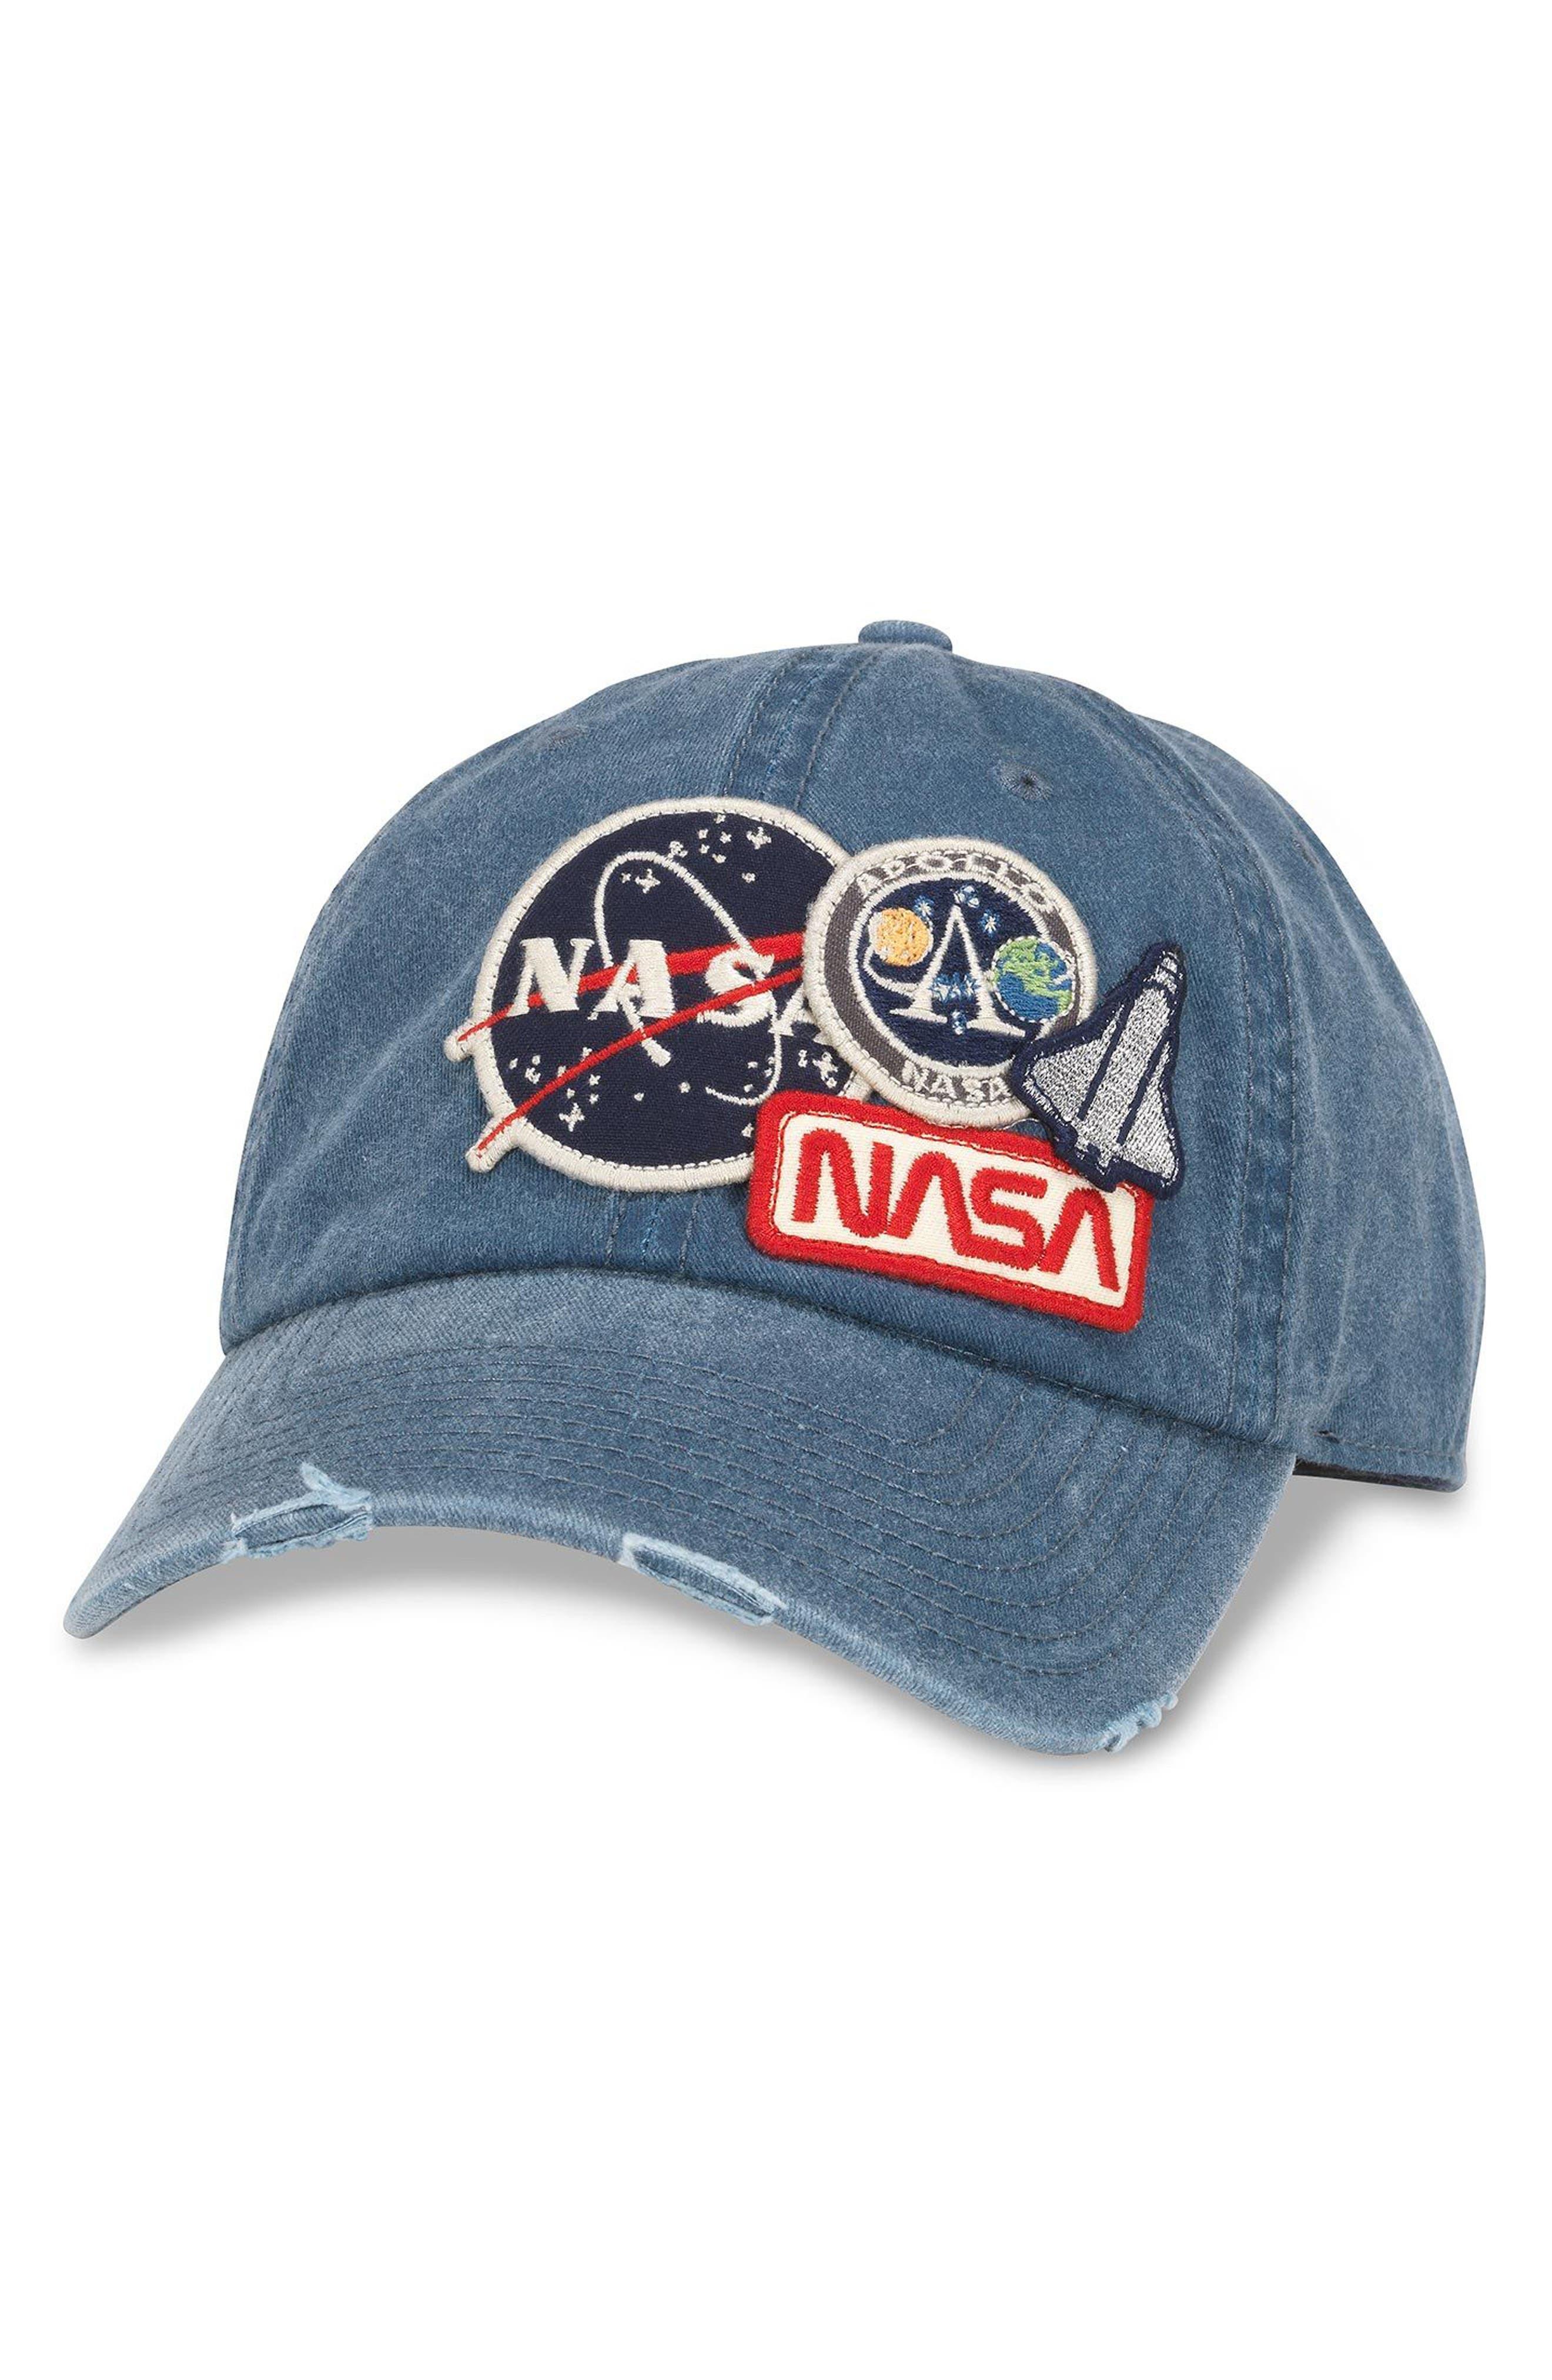 Iconic - NASA Ball Cap,                         Main,                         color, 400